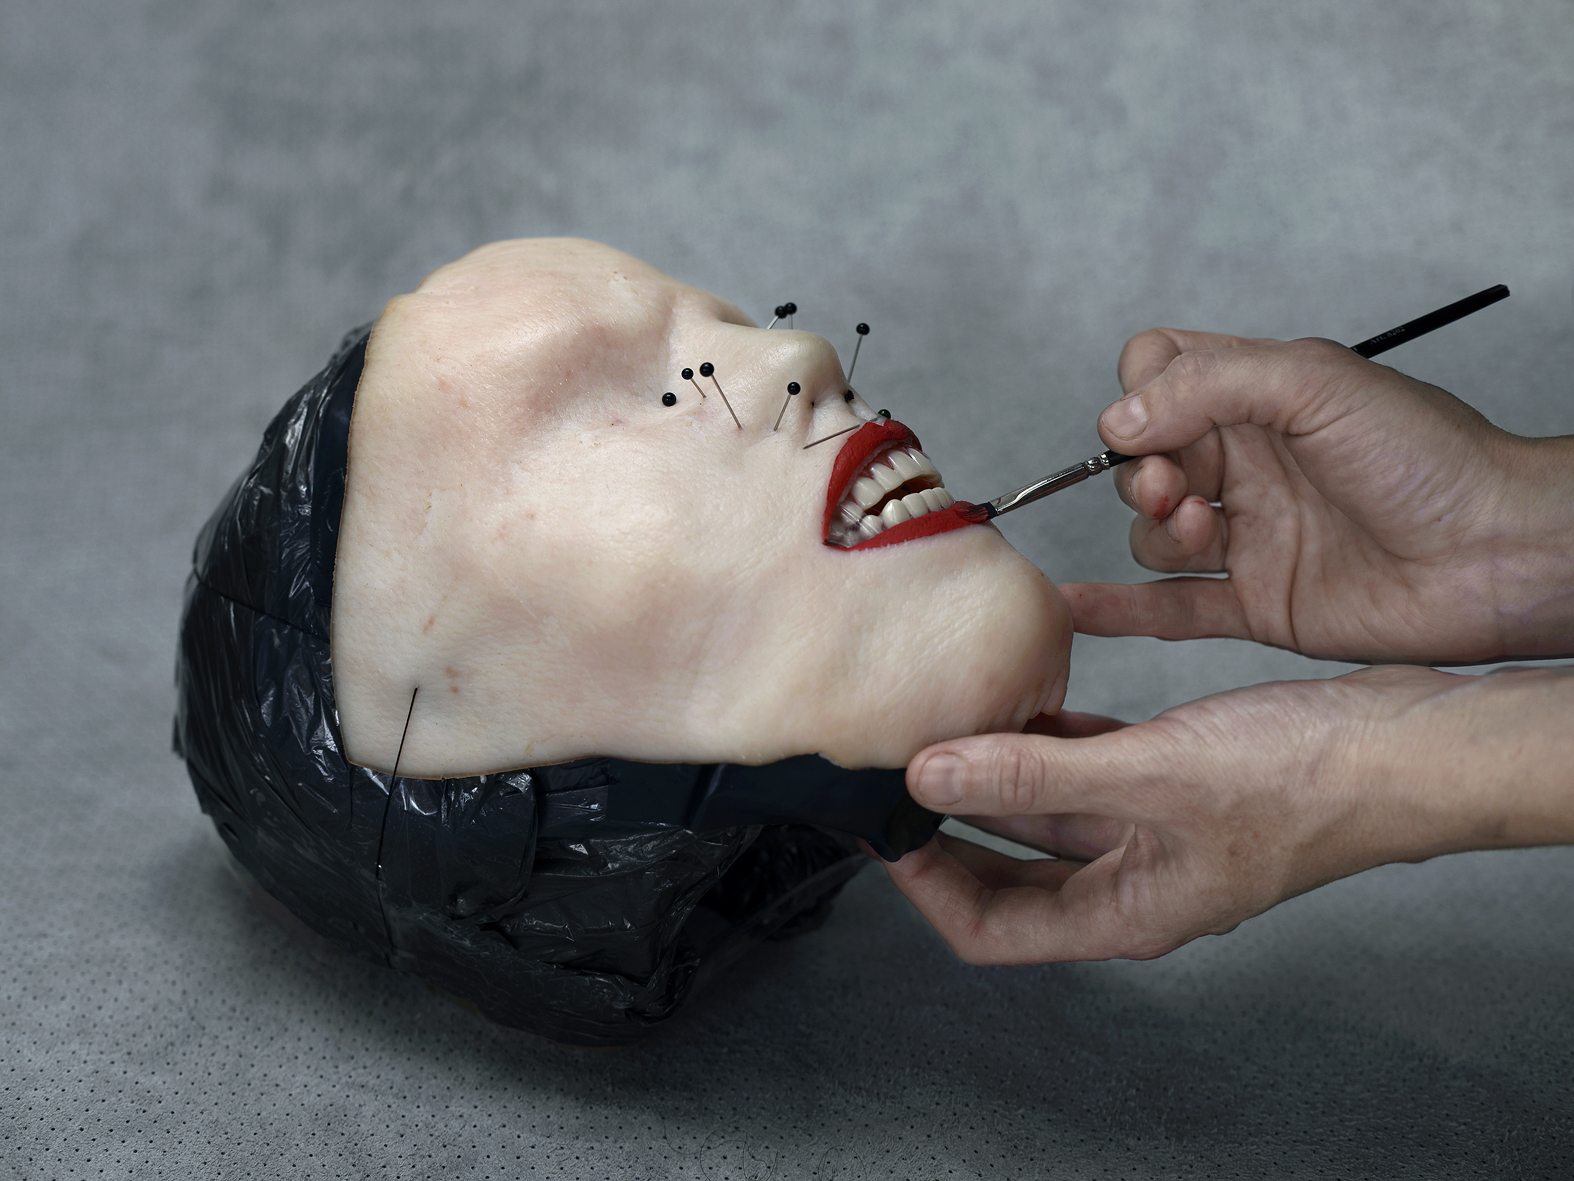 Aneta Grzeszykowska, Selfie, 2014, tusz pigmentowy na papierze bawełnianym, 27 x 36 cm, ed. of 3 + 1 A.P, źródło: Galeria Raster w Warszawie